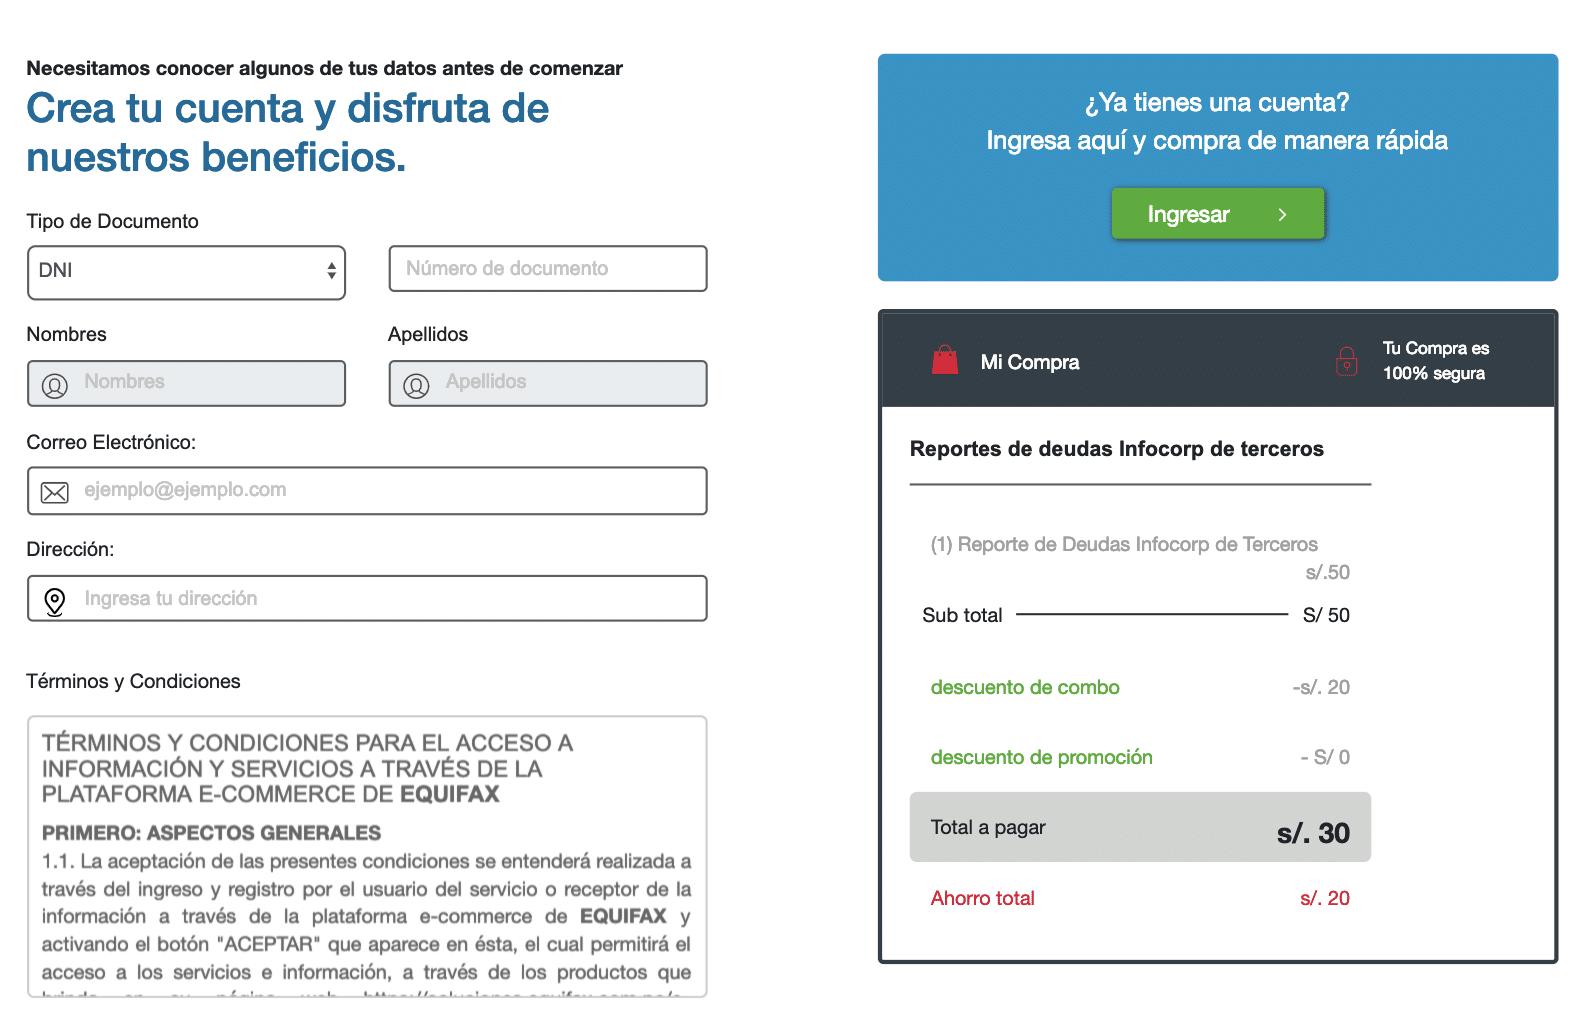 reporte de infocorp-equifax